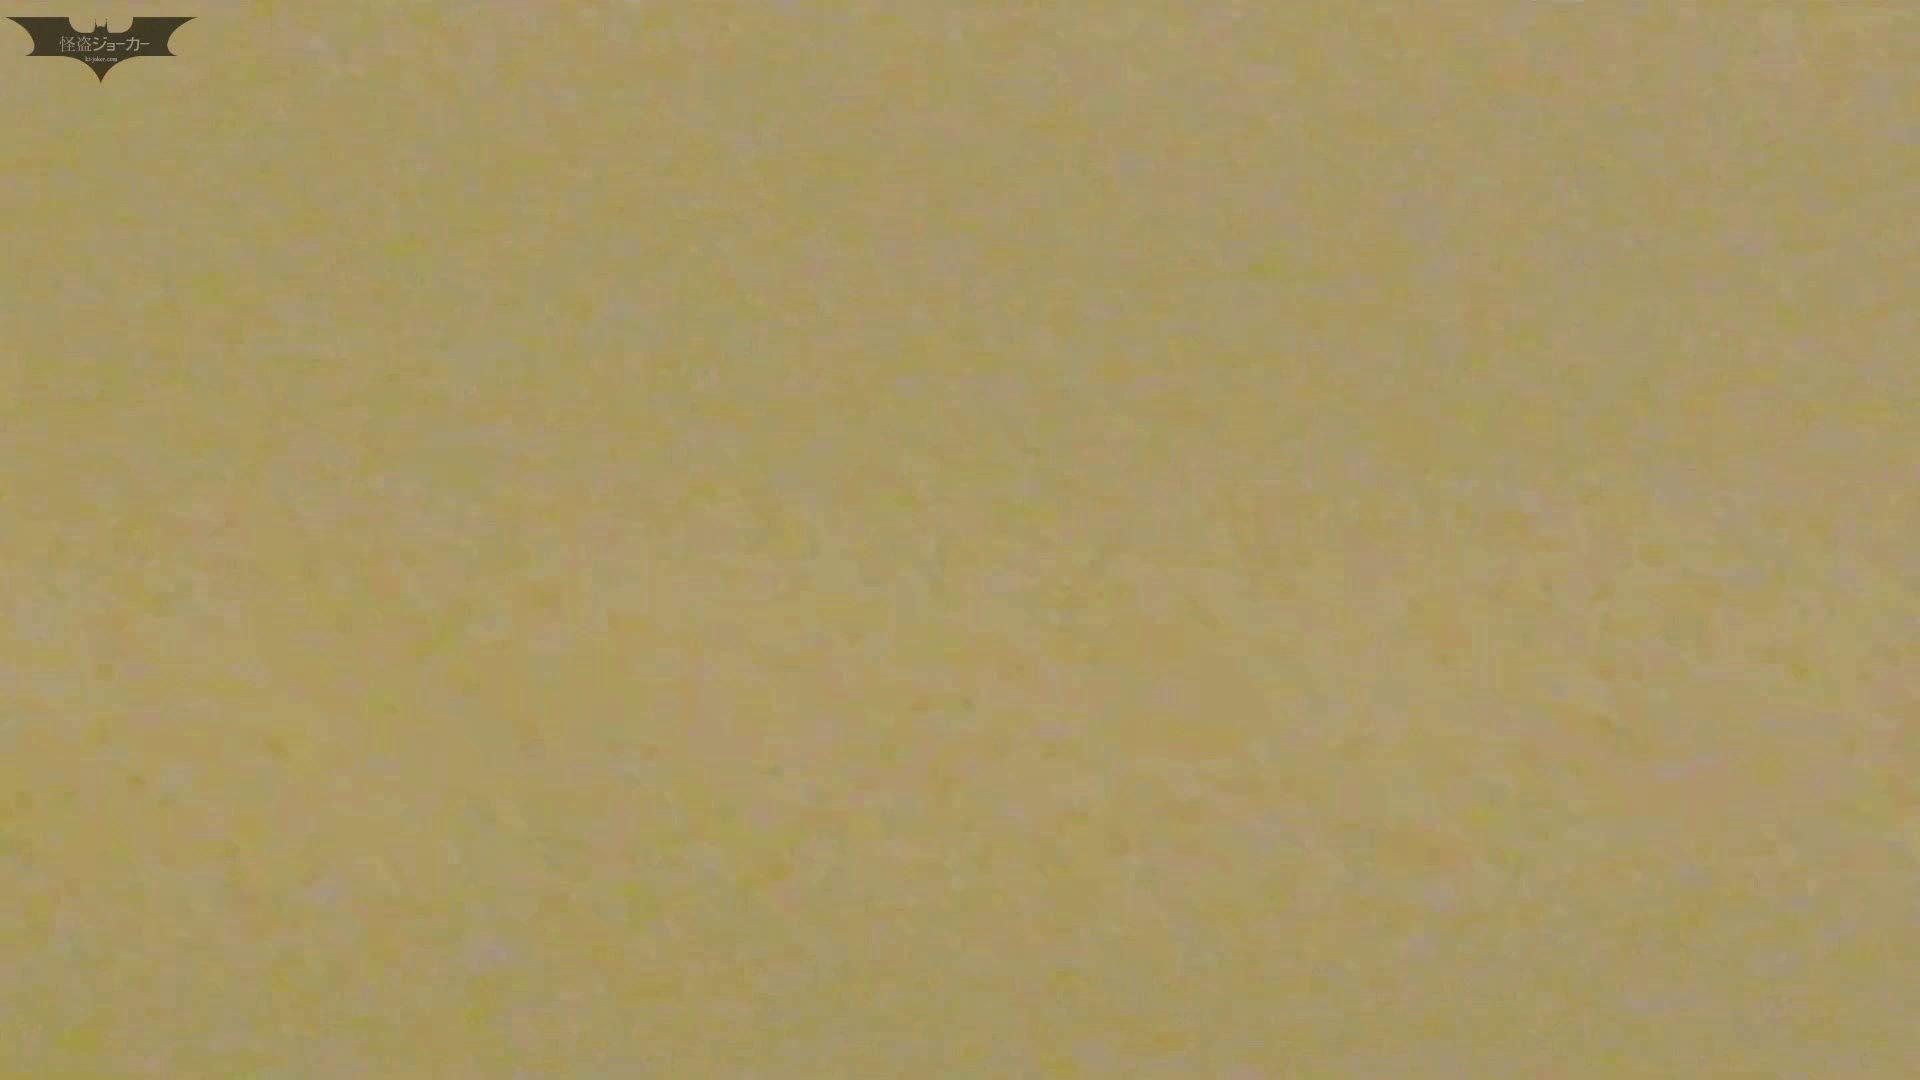 新世界の射窓 No64日本ギャル登場か?ハイヒール大特集! ギャル盗撮映像   洗面所  84PIX 3